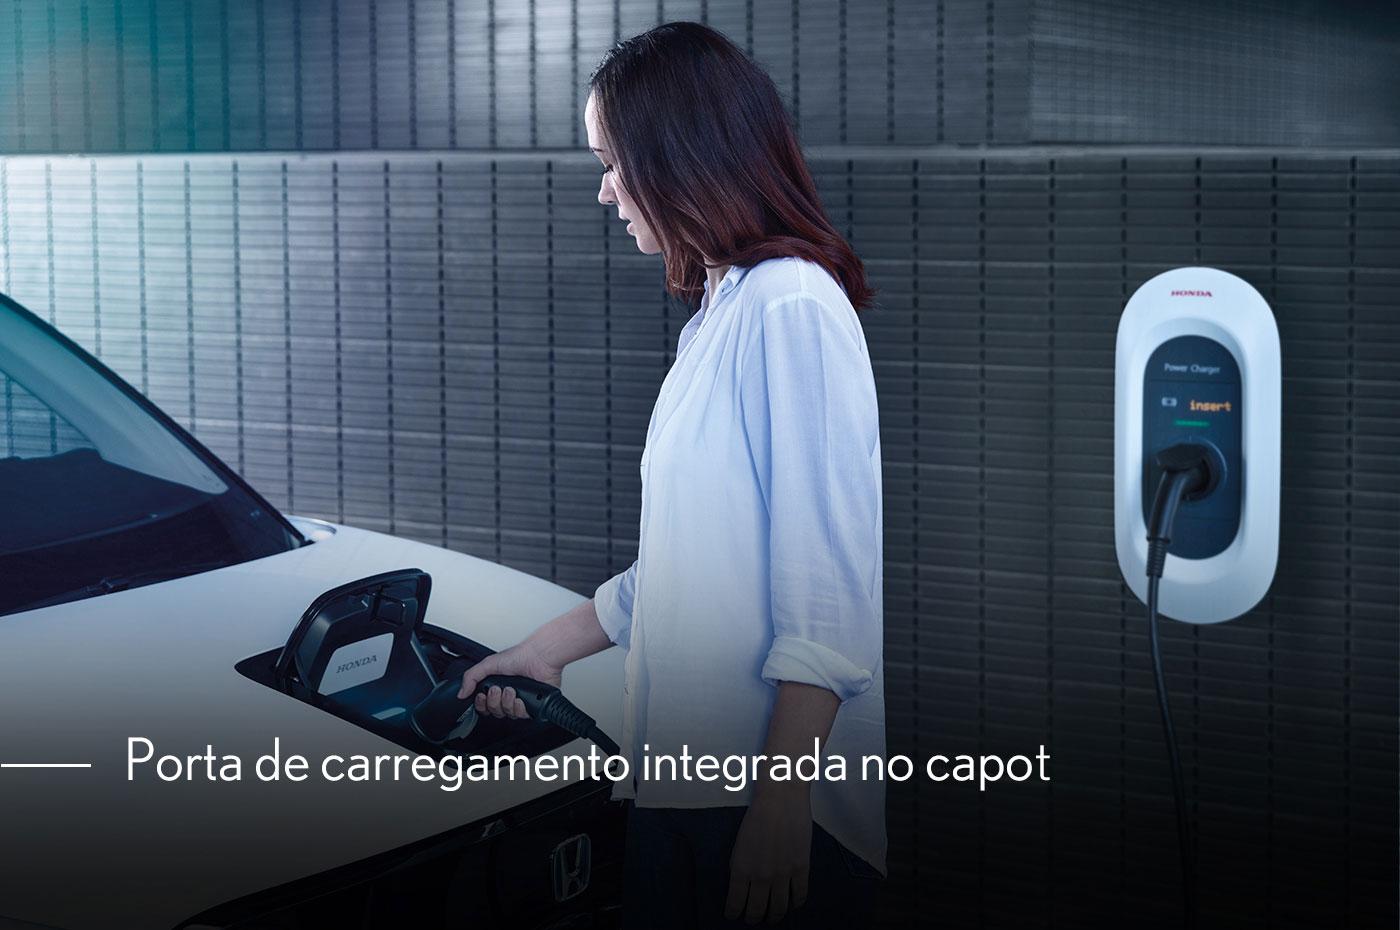 porta-de-carregamento-integrada-no-capot